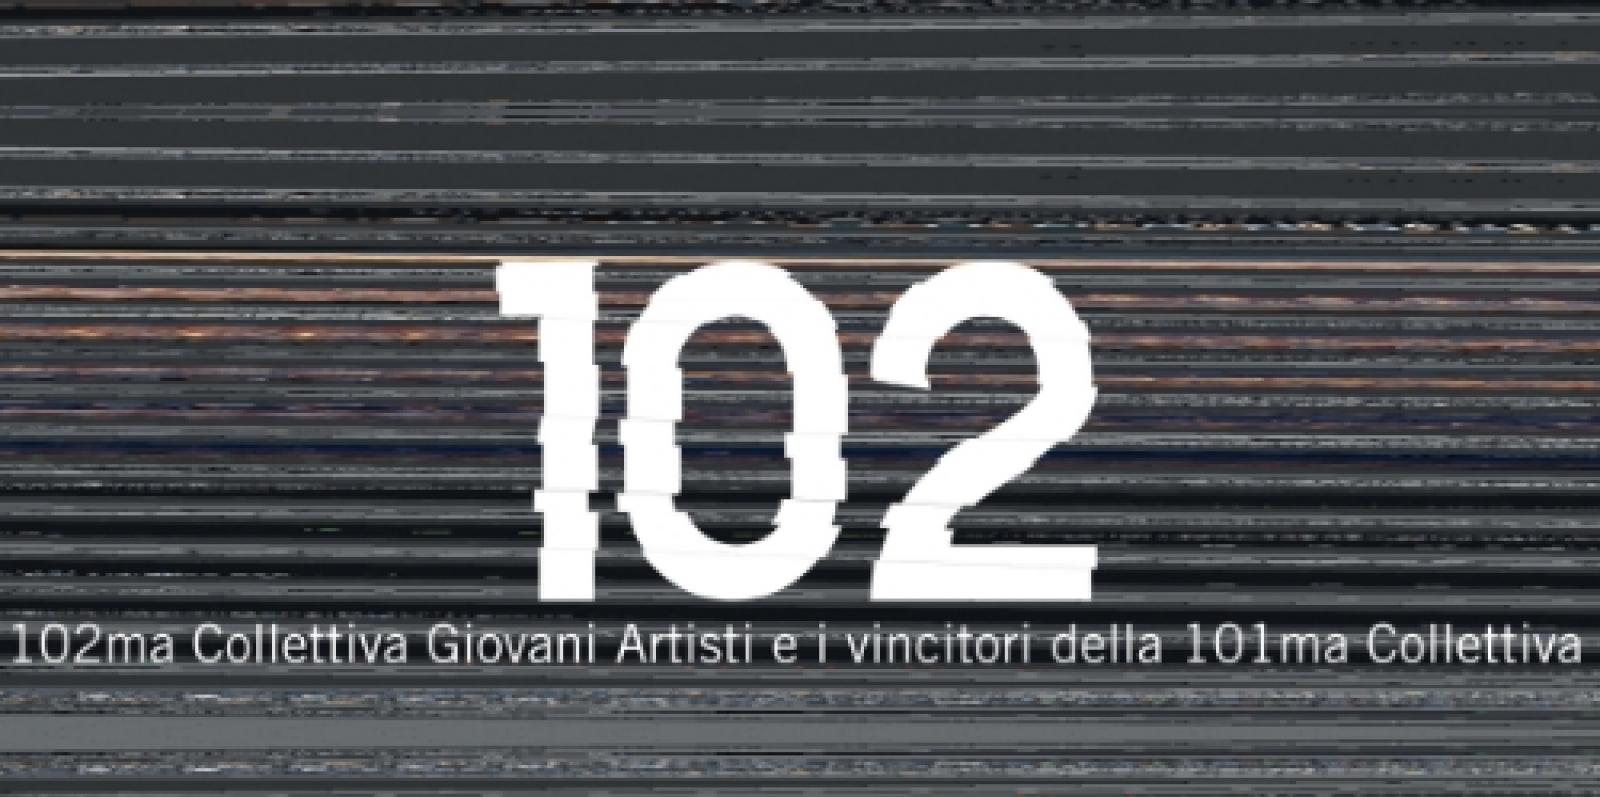 102ma Collettiva Giovani Artisti